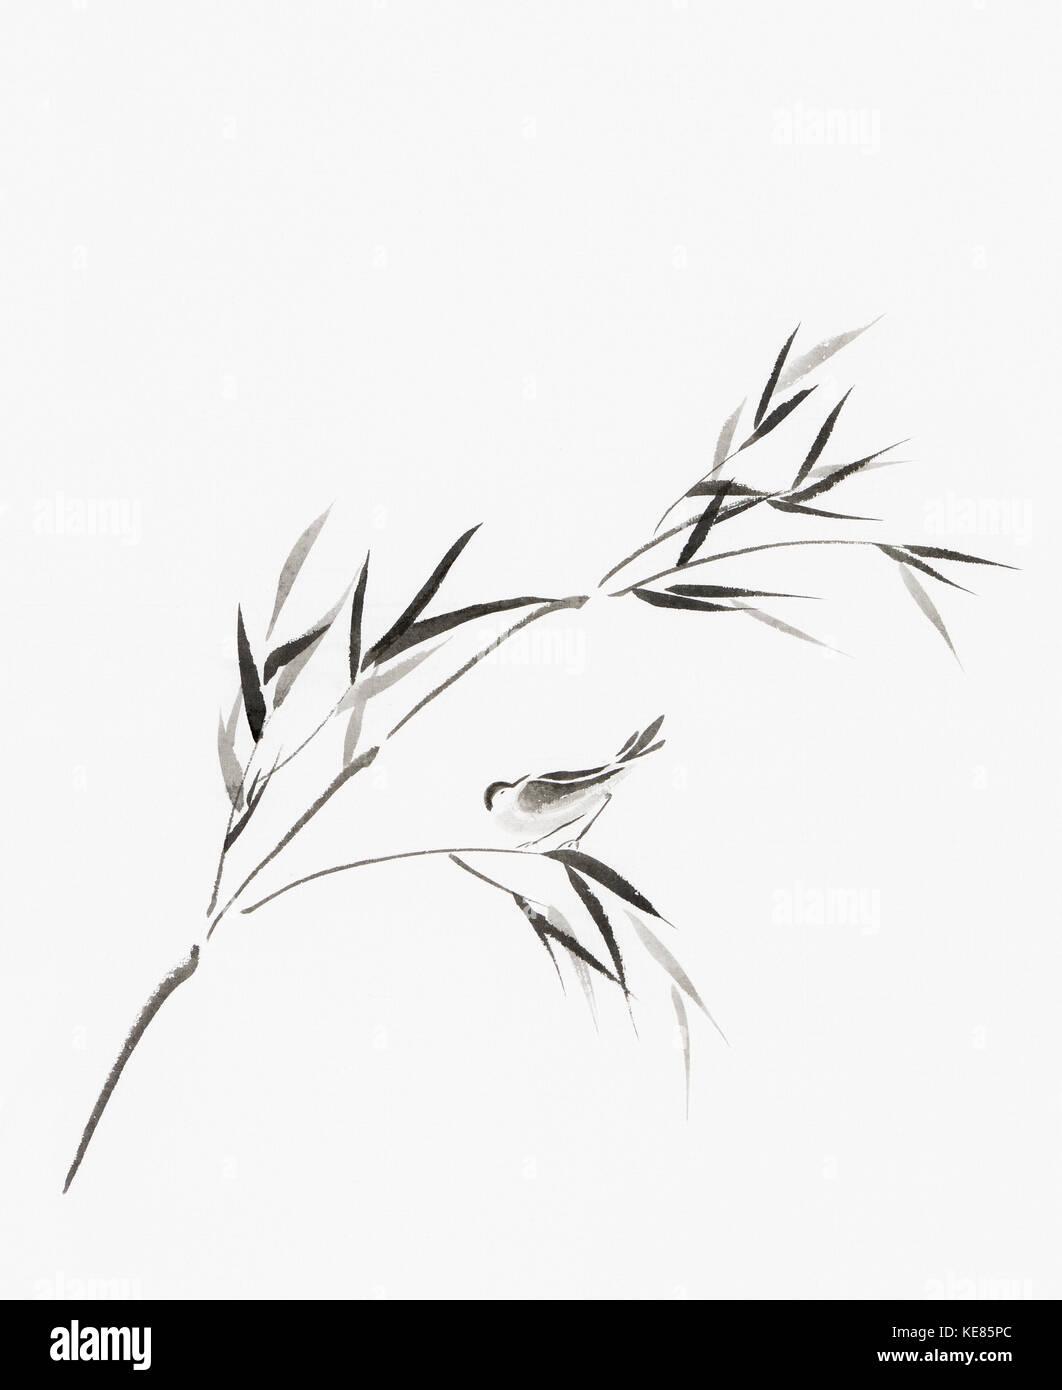 Oiseau perché sur une branche avec des feuilles de bambou oriental artistique illustration style zen japonais, Photo Stock